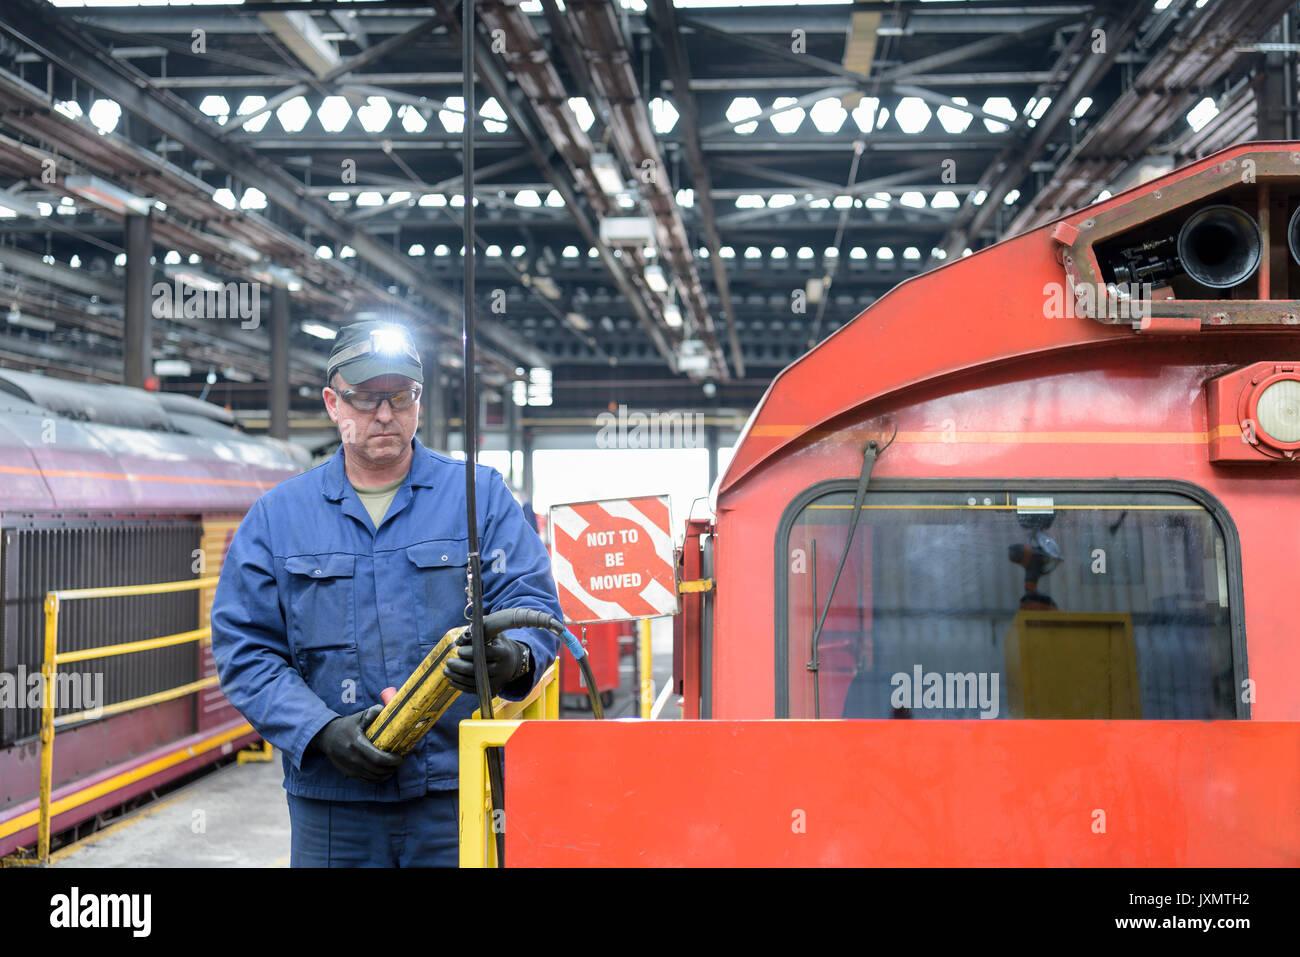 Mécanicien travaillant dans des œuvres de train Photo Stock